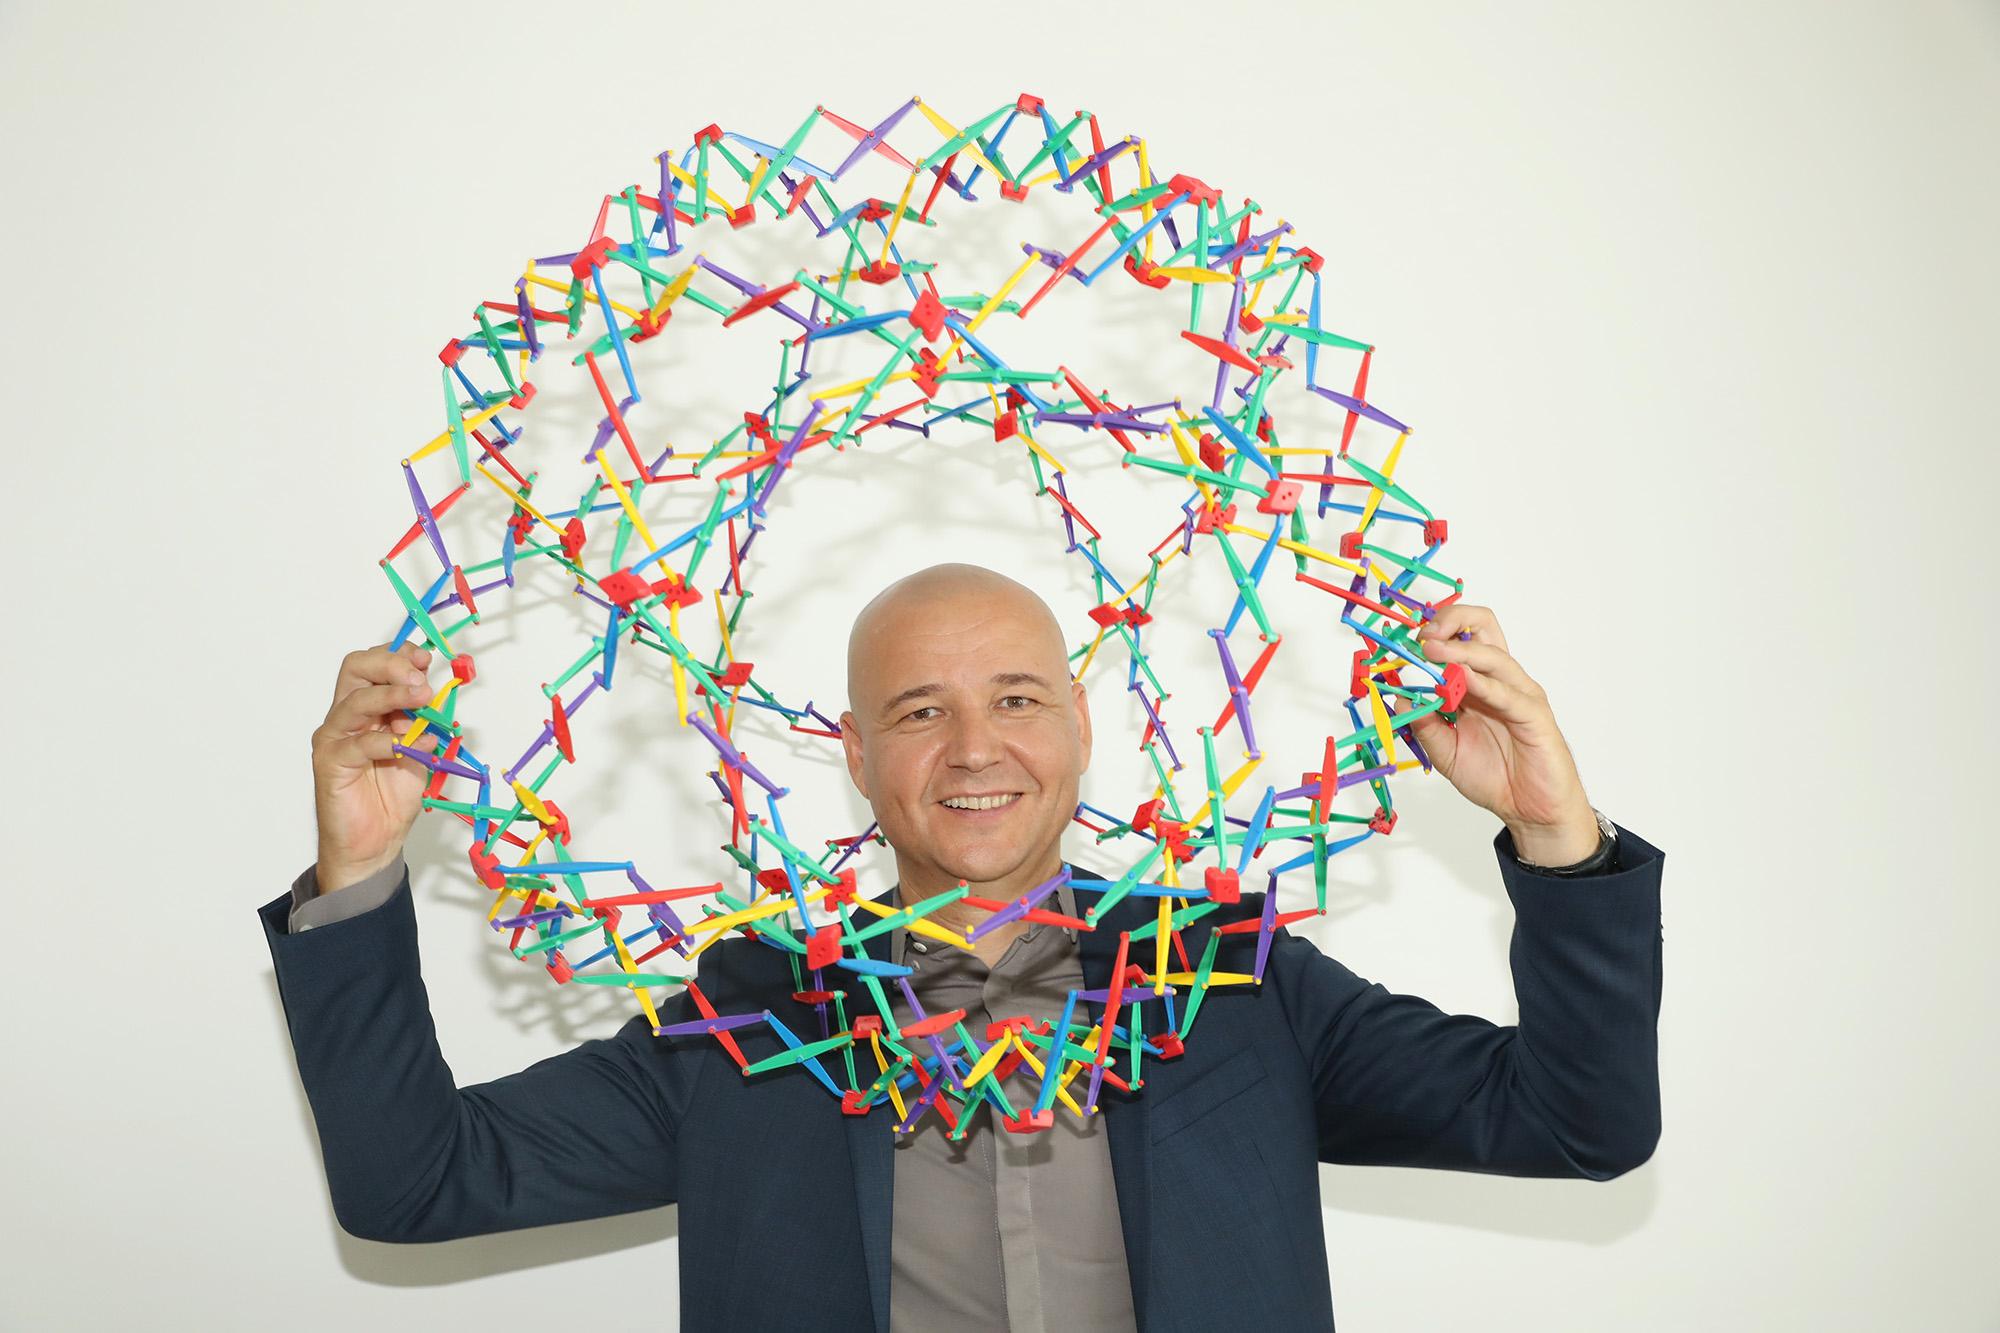 Markus Gruber, Führungskraft, Führungskräfte, Karrieremodell, offenheit, Entwicklung, Einstellung, Bewusstsein, Seminar, Workshop, IAK